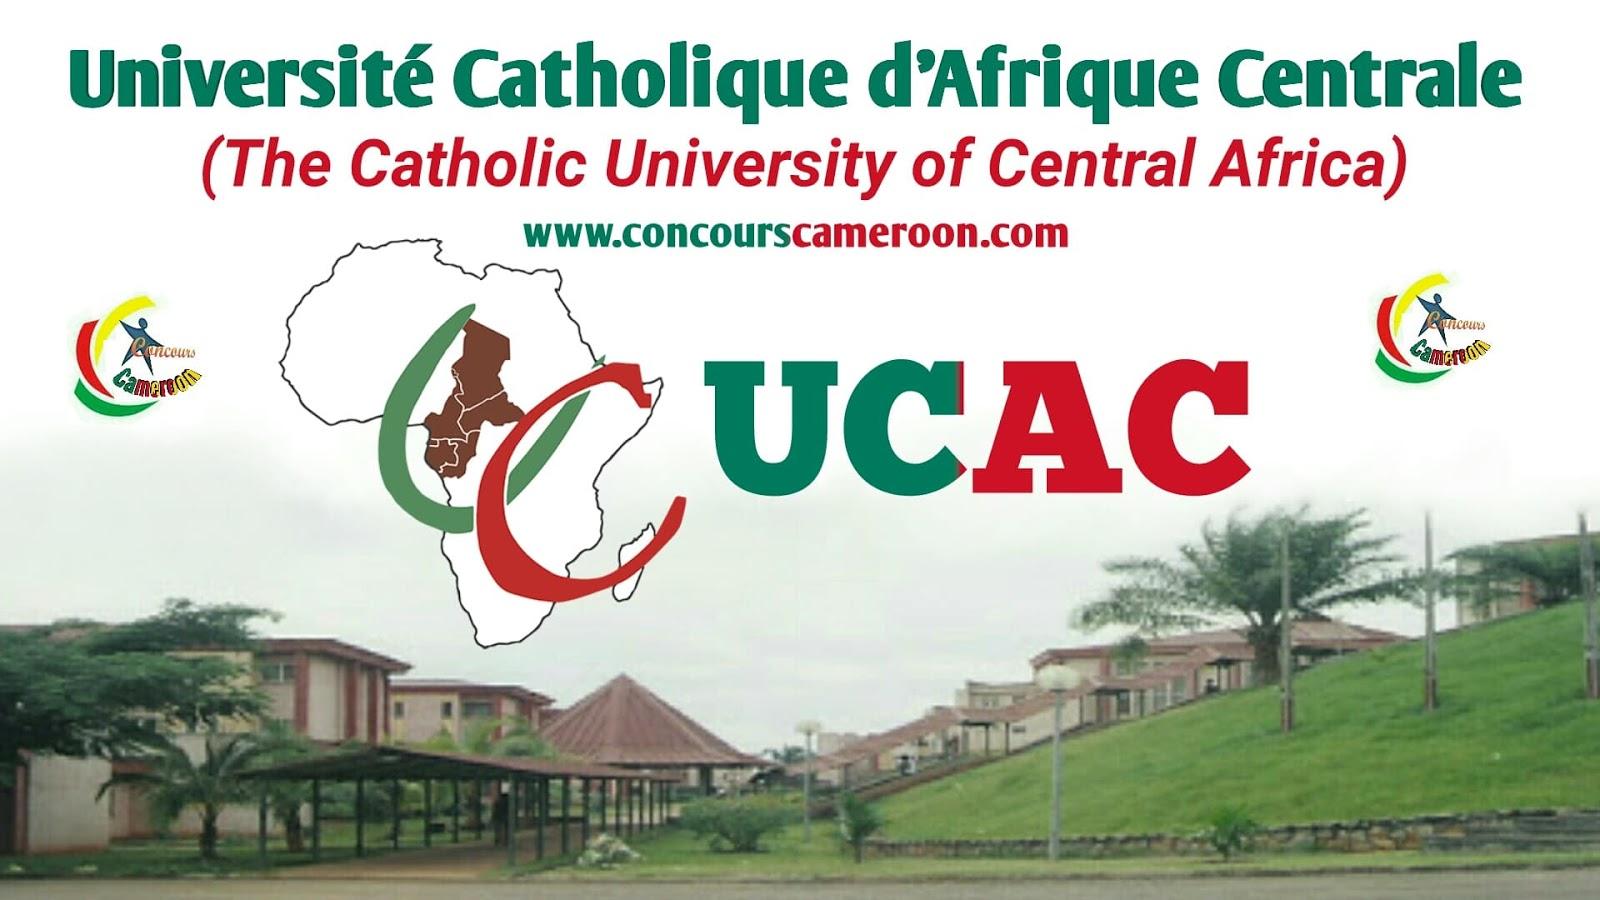 Université Catholique d_Afrique Centrale (UCAC)